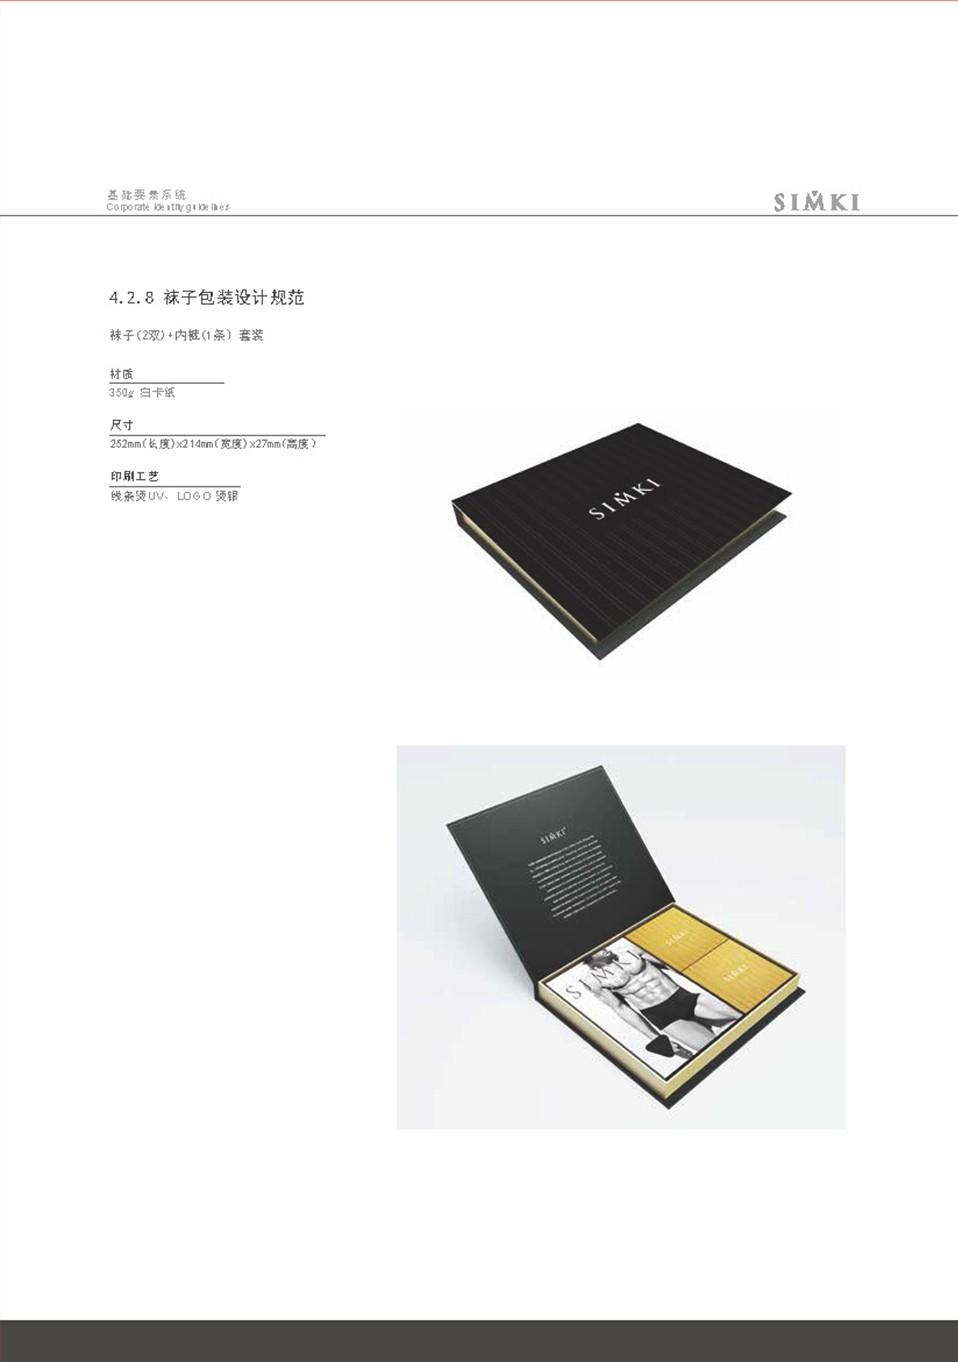 vi设计-品牌设计-画册设计-论坛活动设计_03